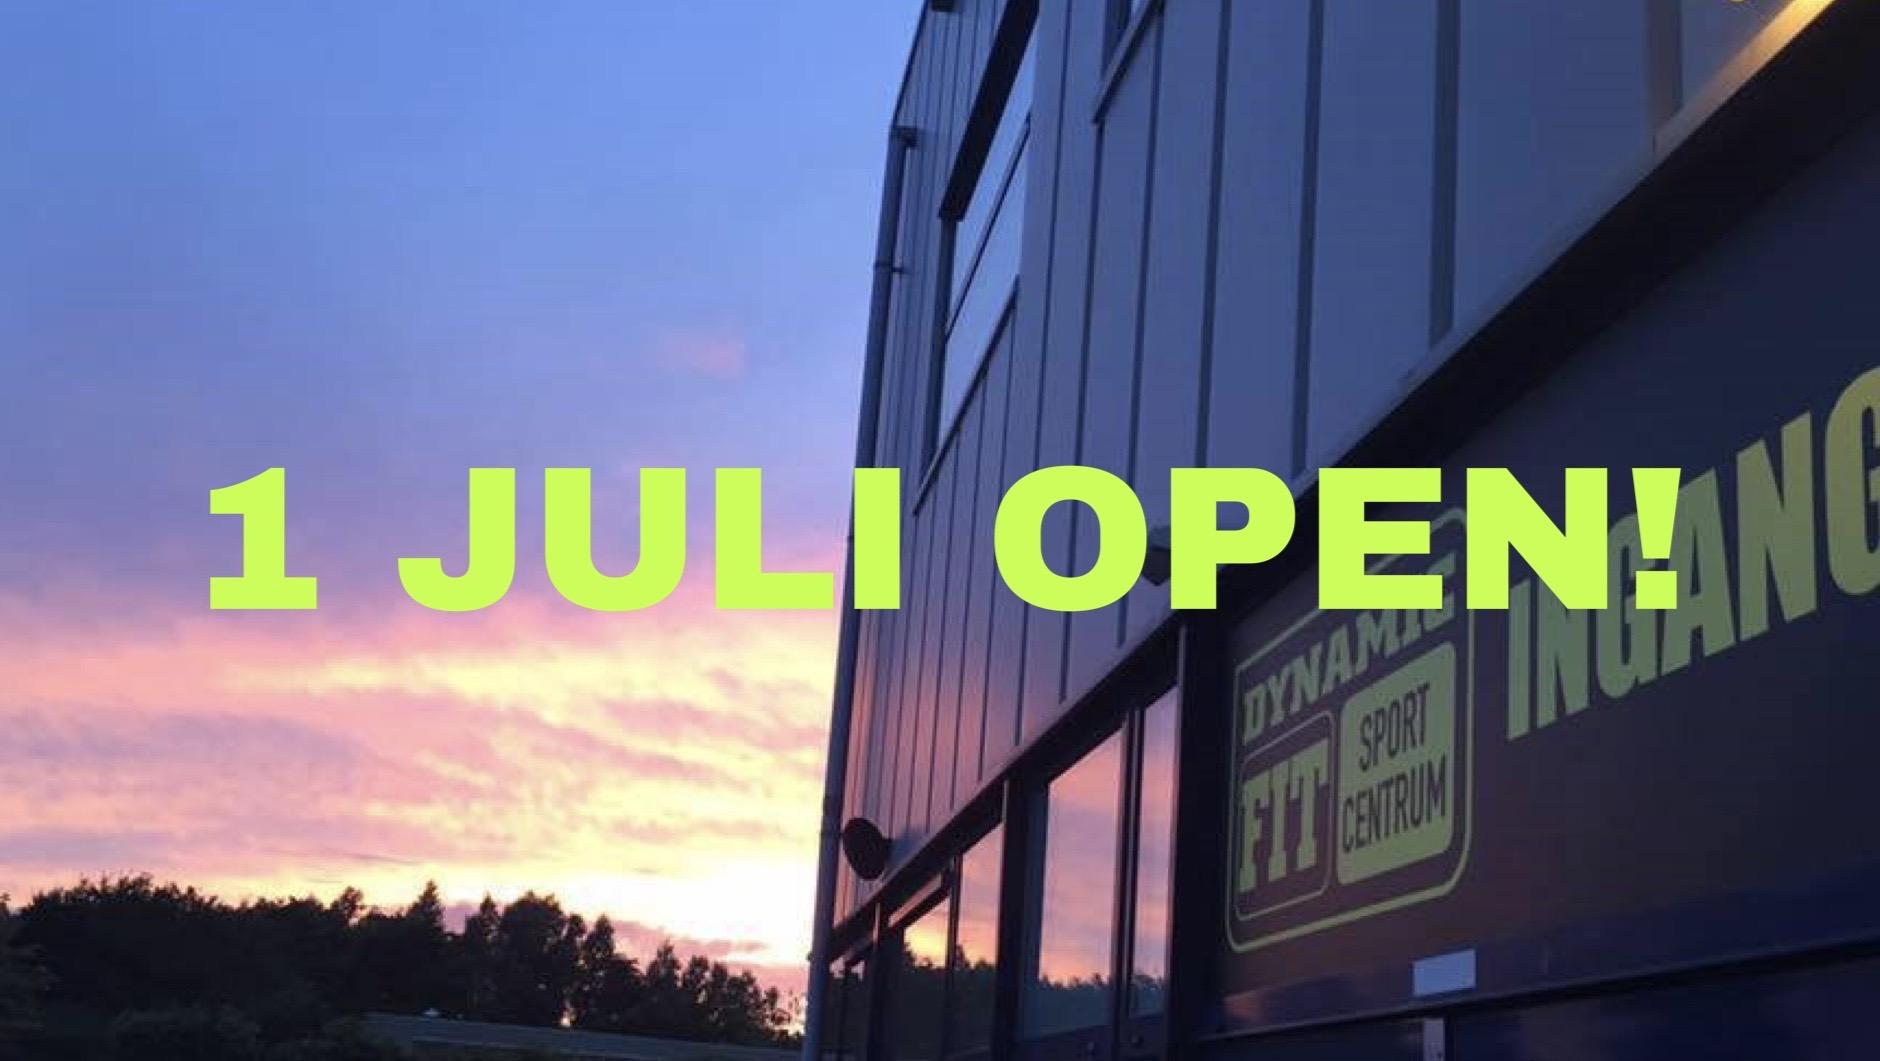 1 JULI OPEN!